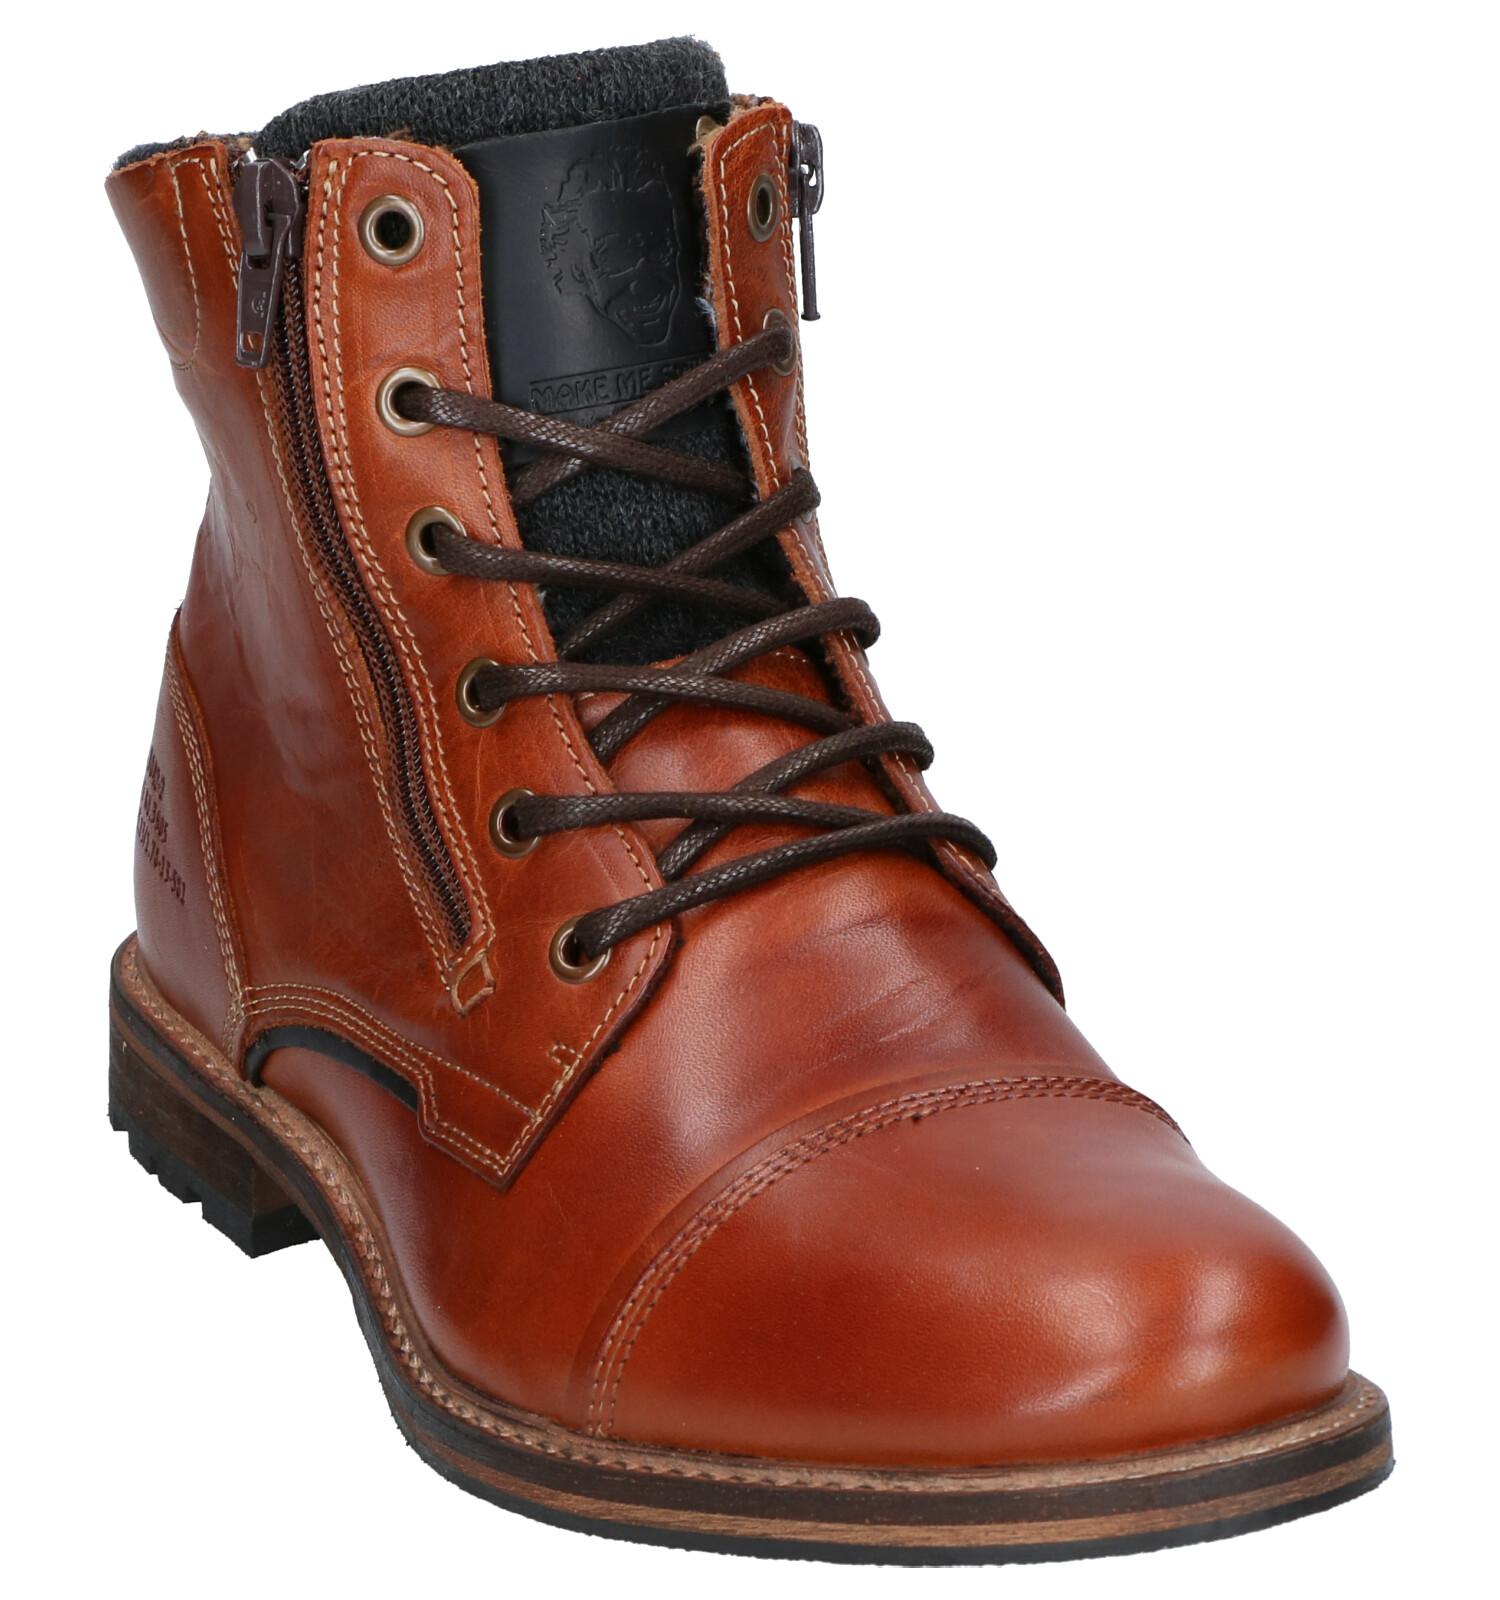 Cognac Cognac Bullboxer Boots Boots Bullboxer Bullboxer Bullboxer Bullboxer Boots Cognac Cognac Boots Cognac toQdBsrhCx